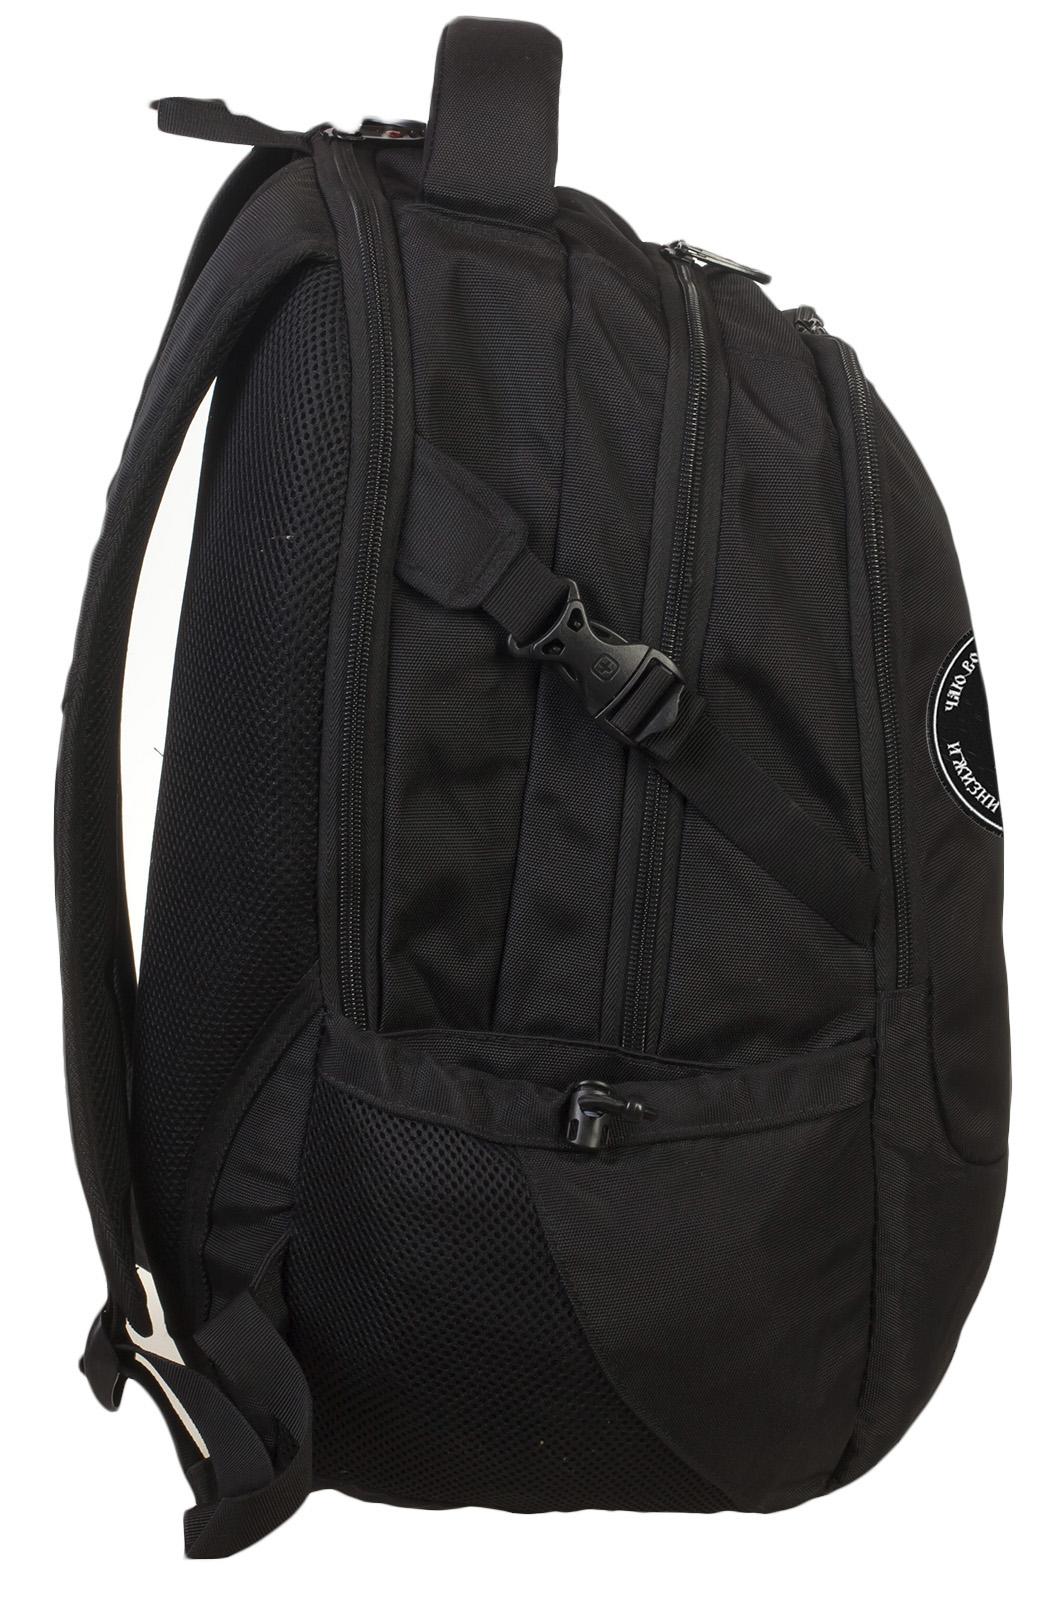 Походный универсальный рюкзак с нашивкой Флаг Бакланова - заказать по выгодной цене